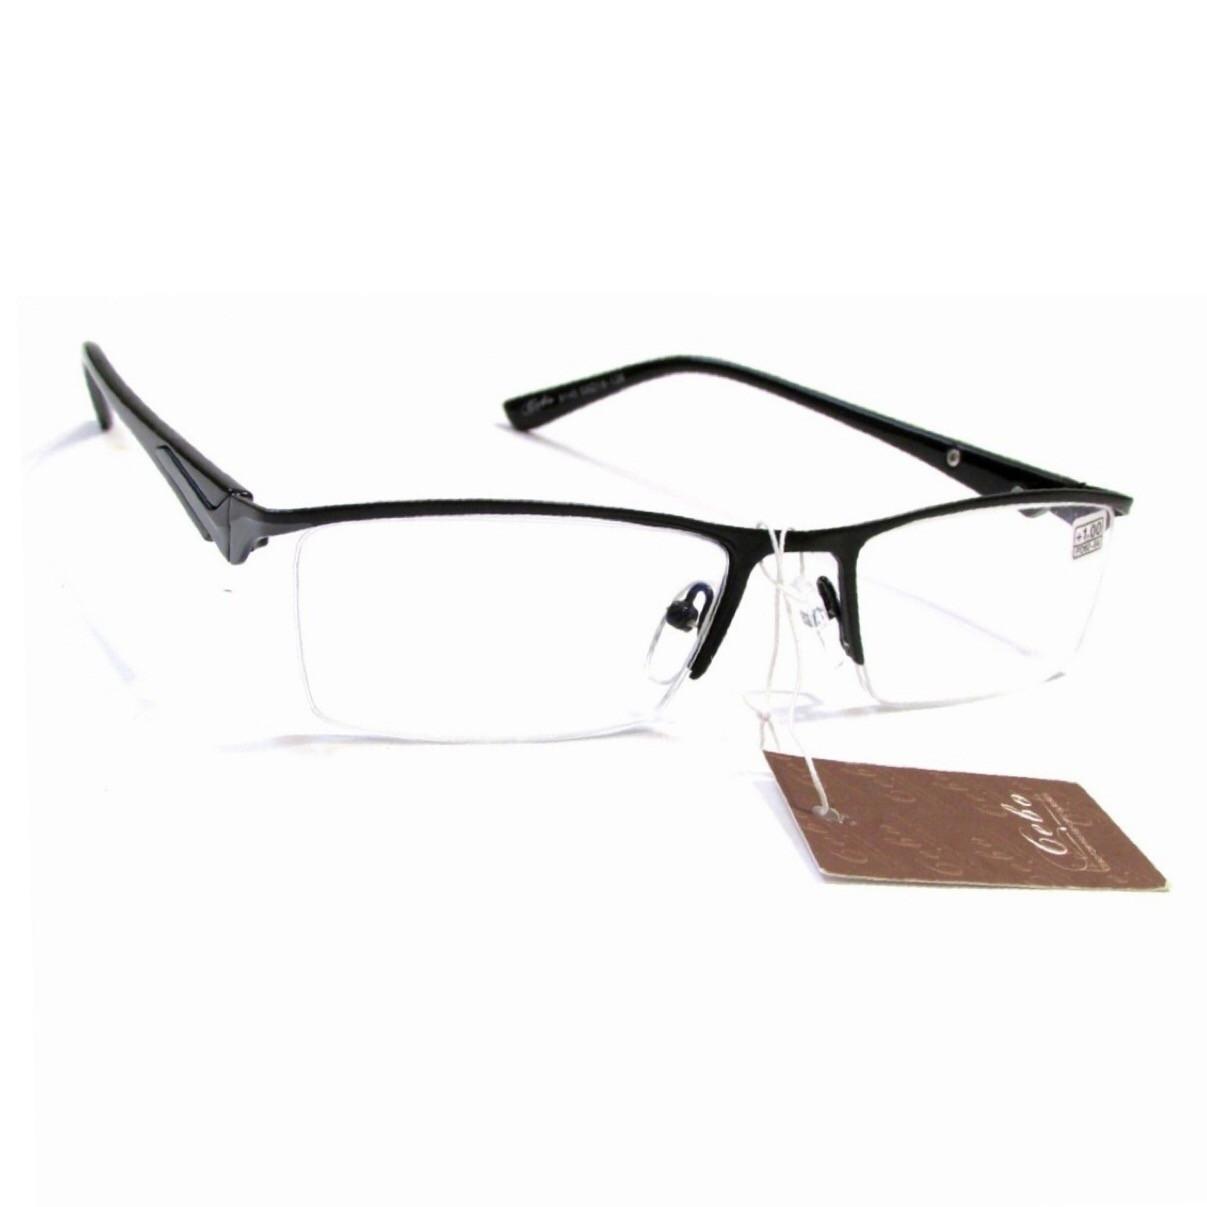 Полуоправные очки с белой линзой - Sv-optic в Харьковской области df777ab22504c